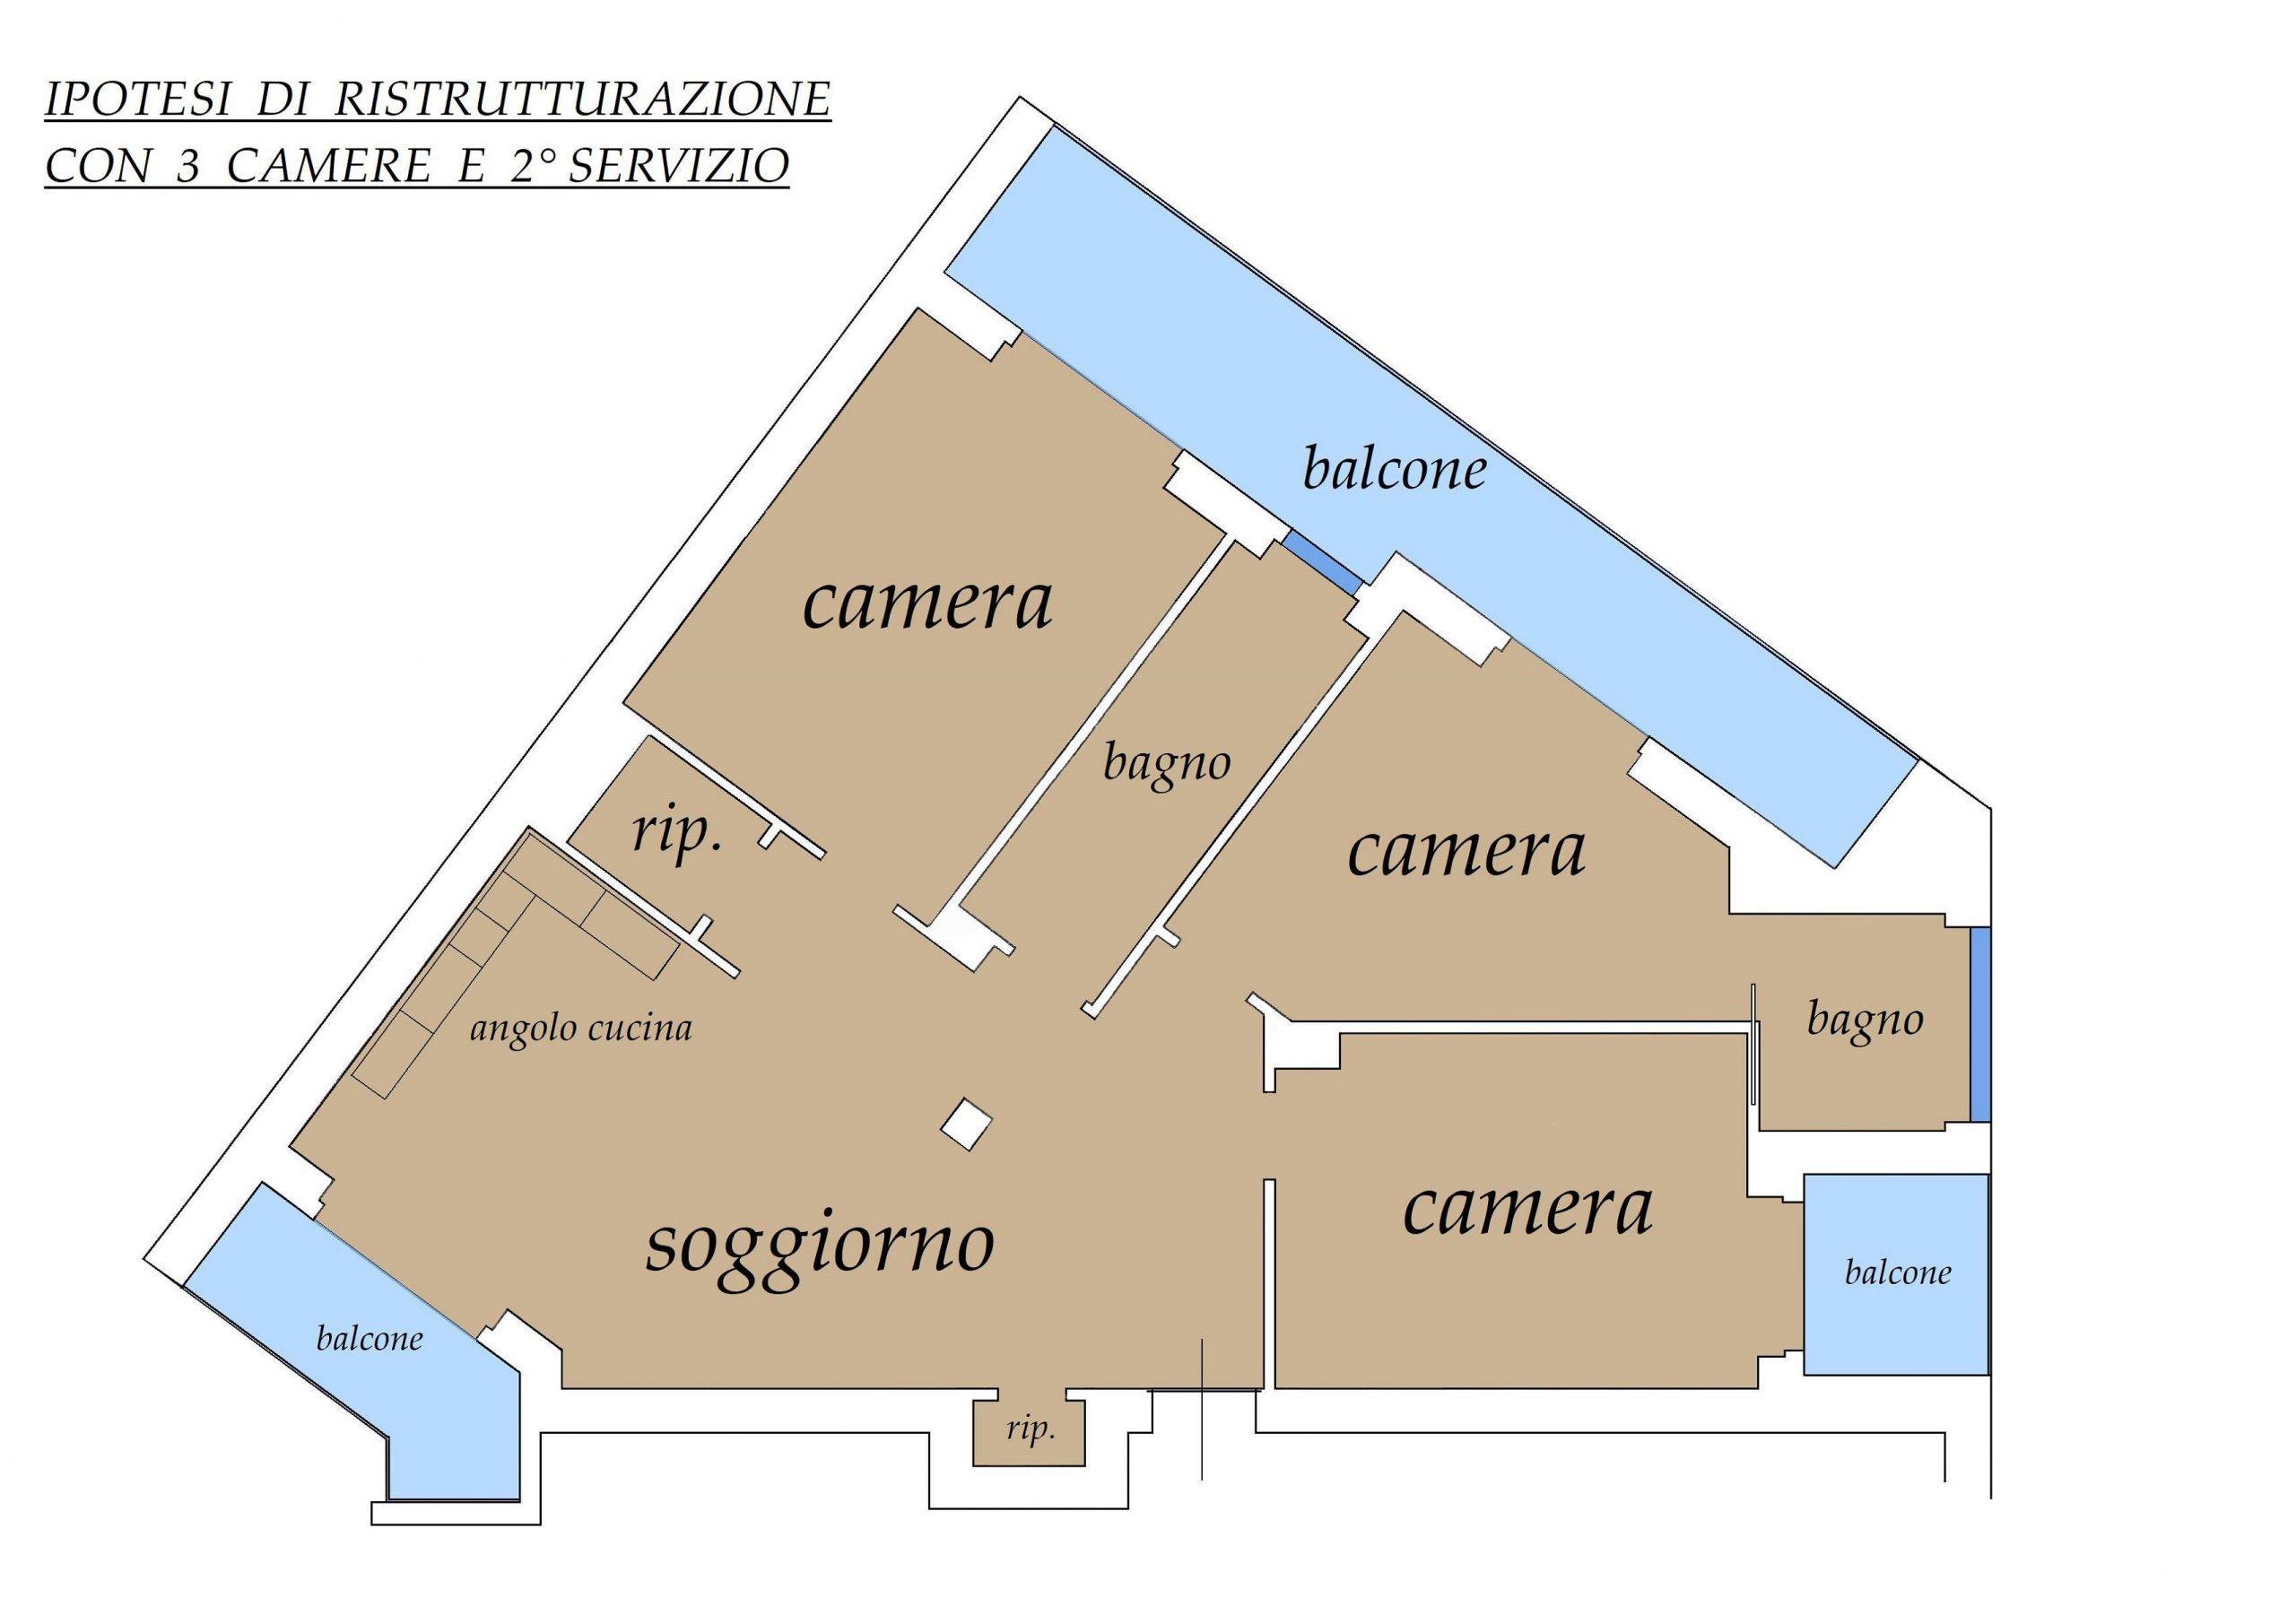 Ipotesi di ristrutturazione con 3 camere e secondo servizio